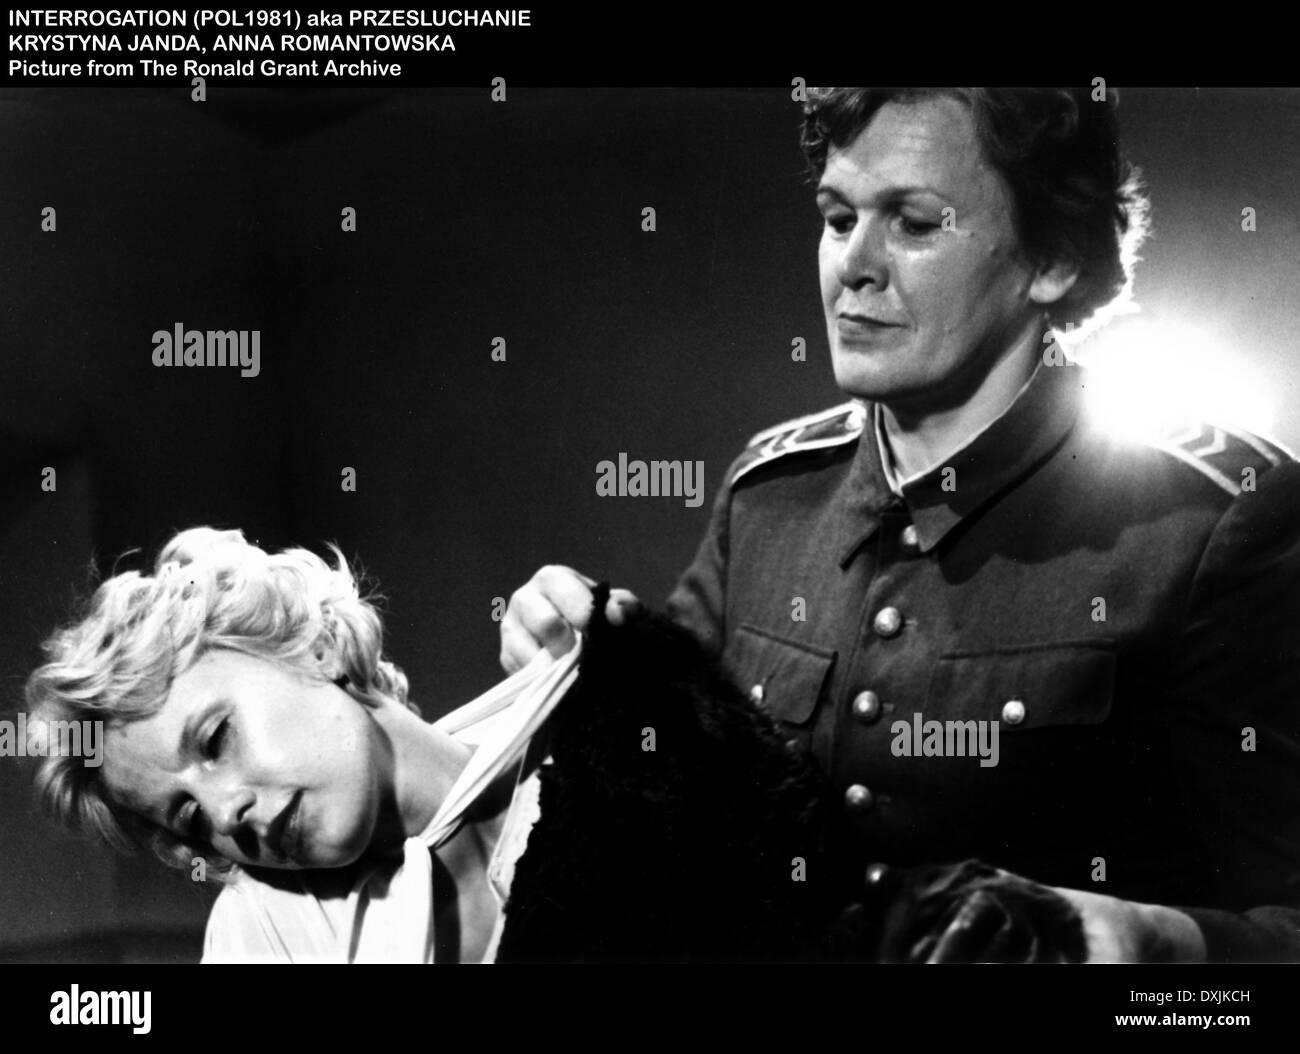 Interrogation Deutsch